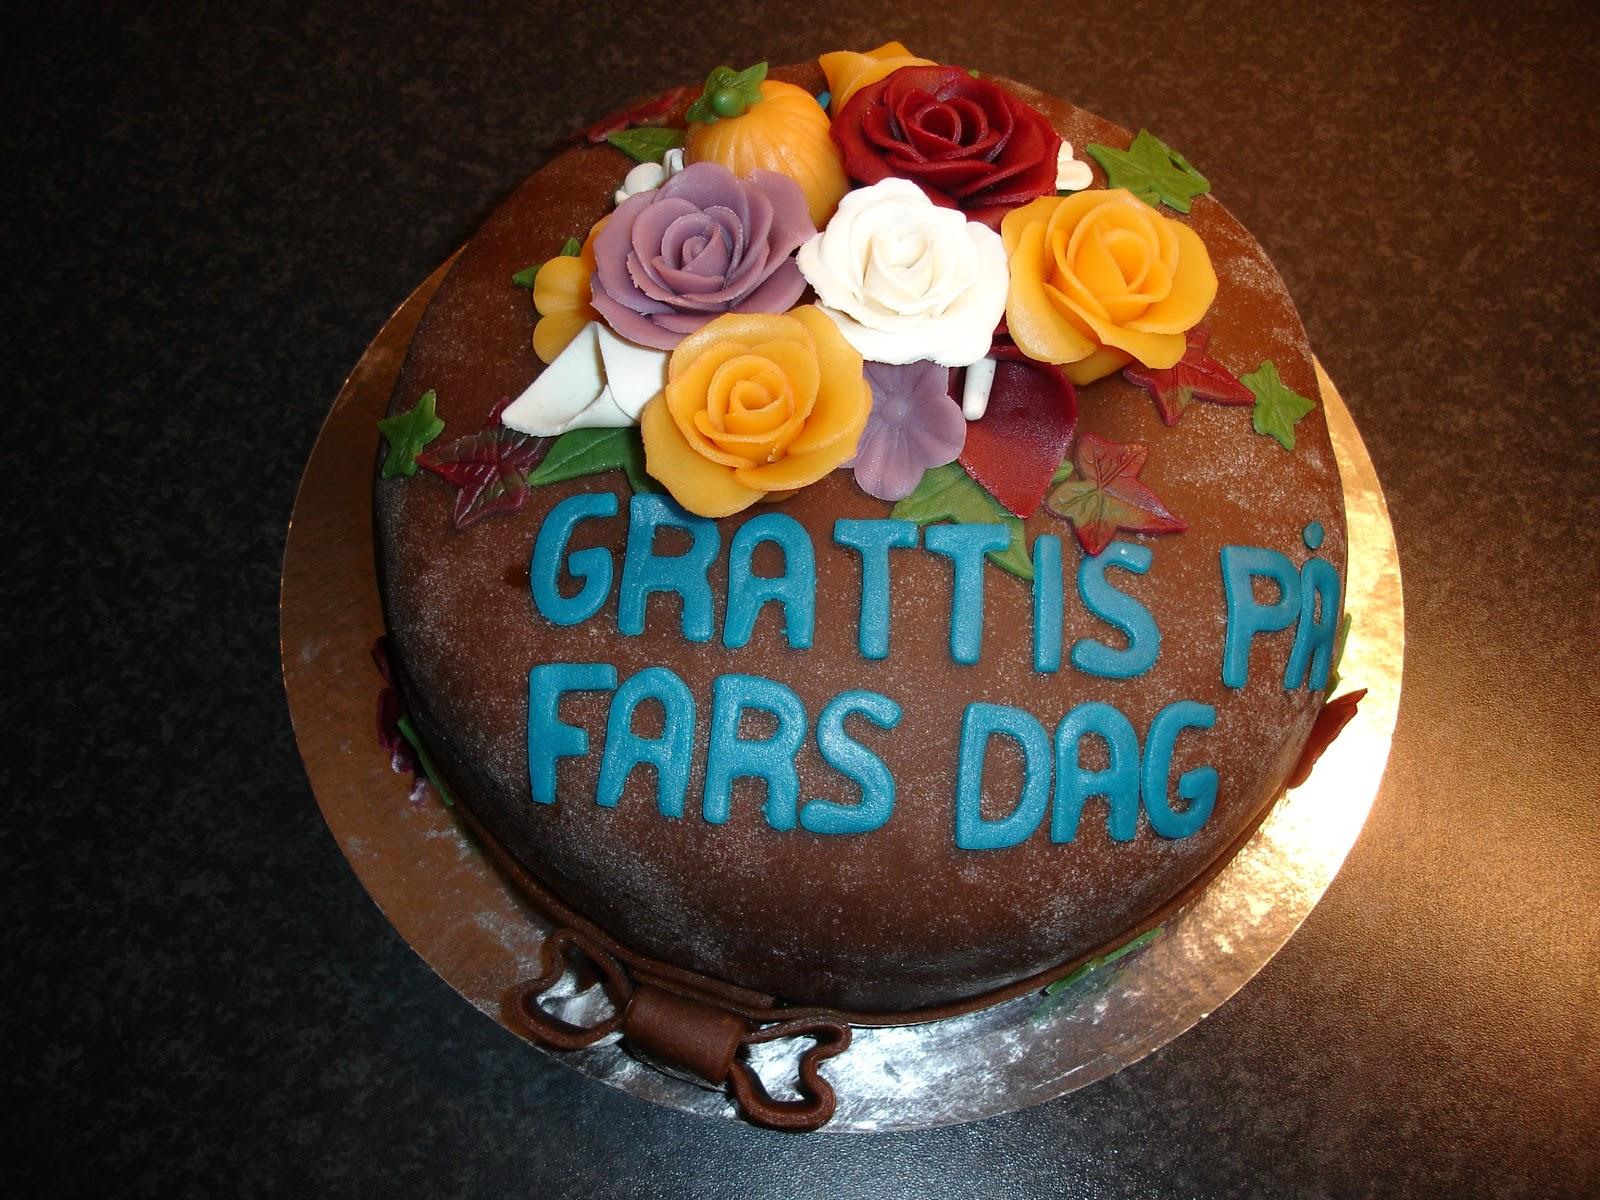 grattis på fars dag Maries Tårtor: Grattis på fars dag tårta till Jennys pappa grattis på fars dag